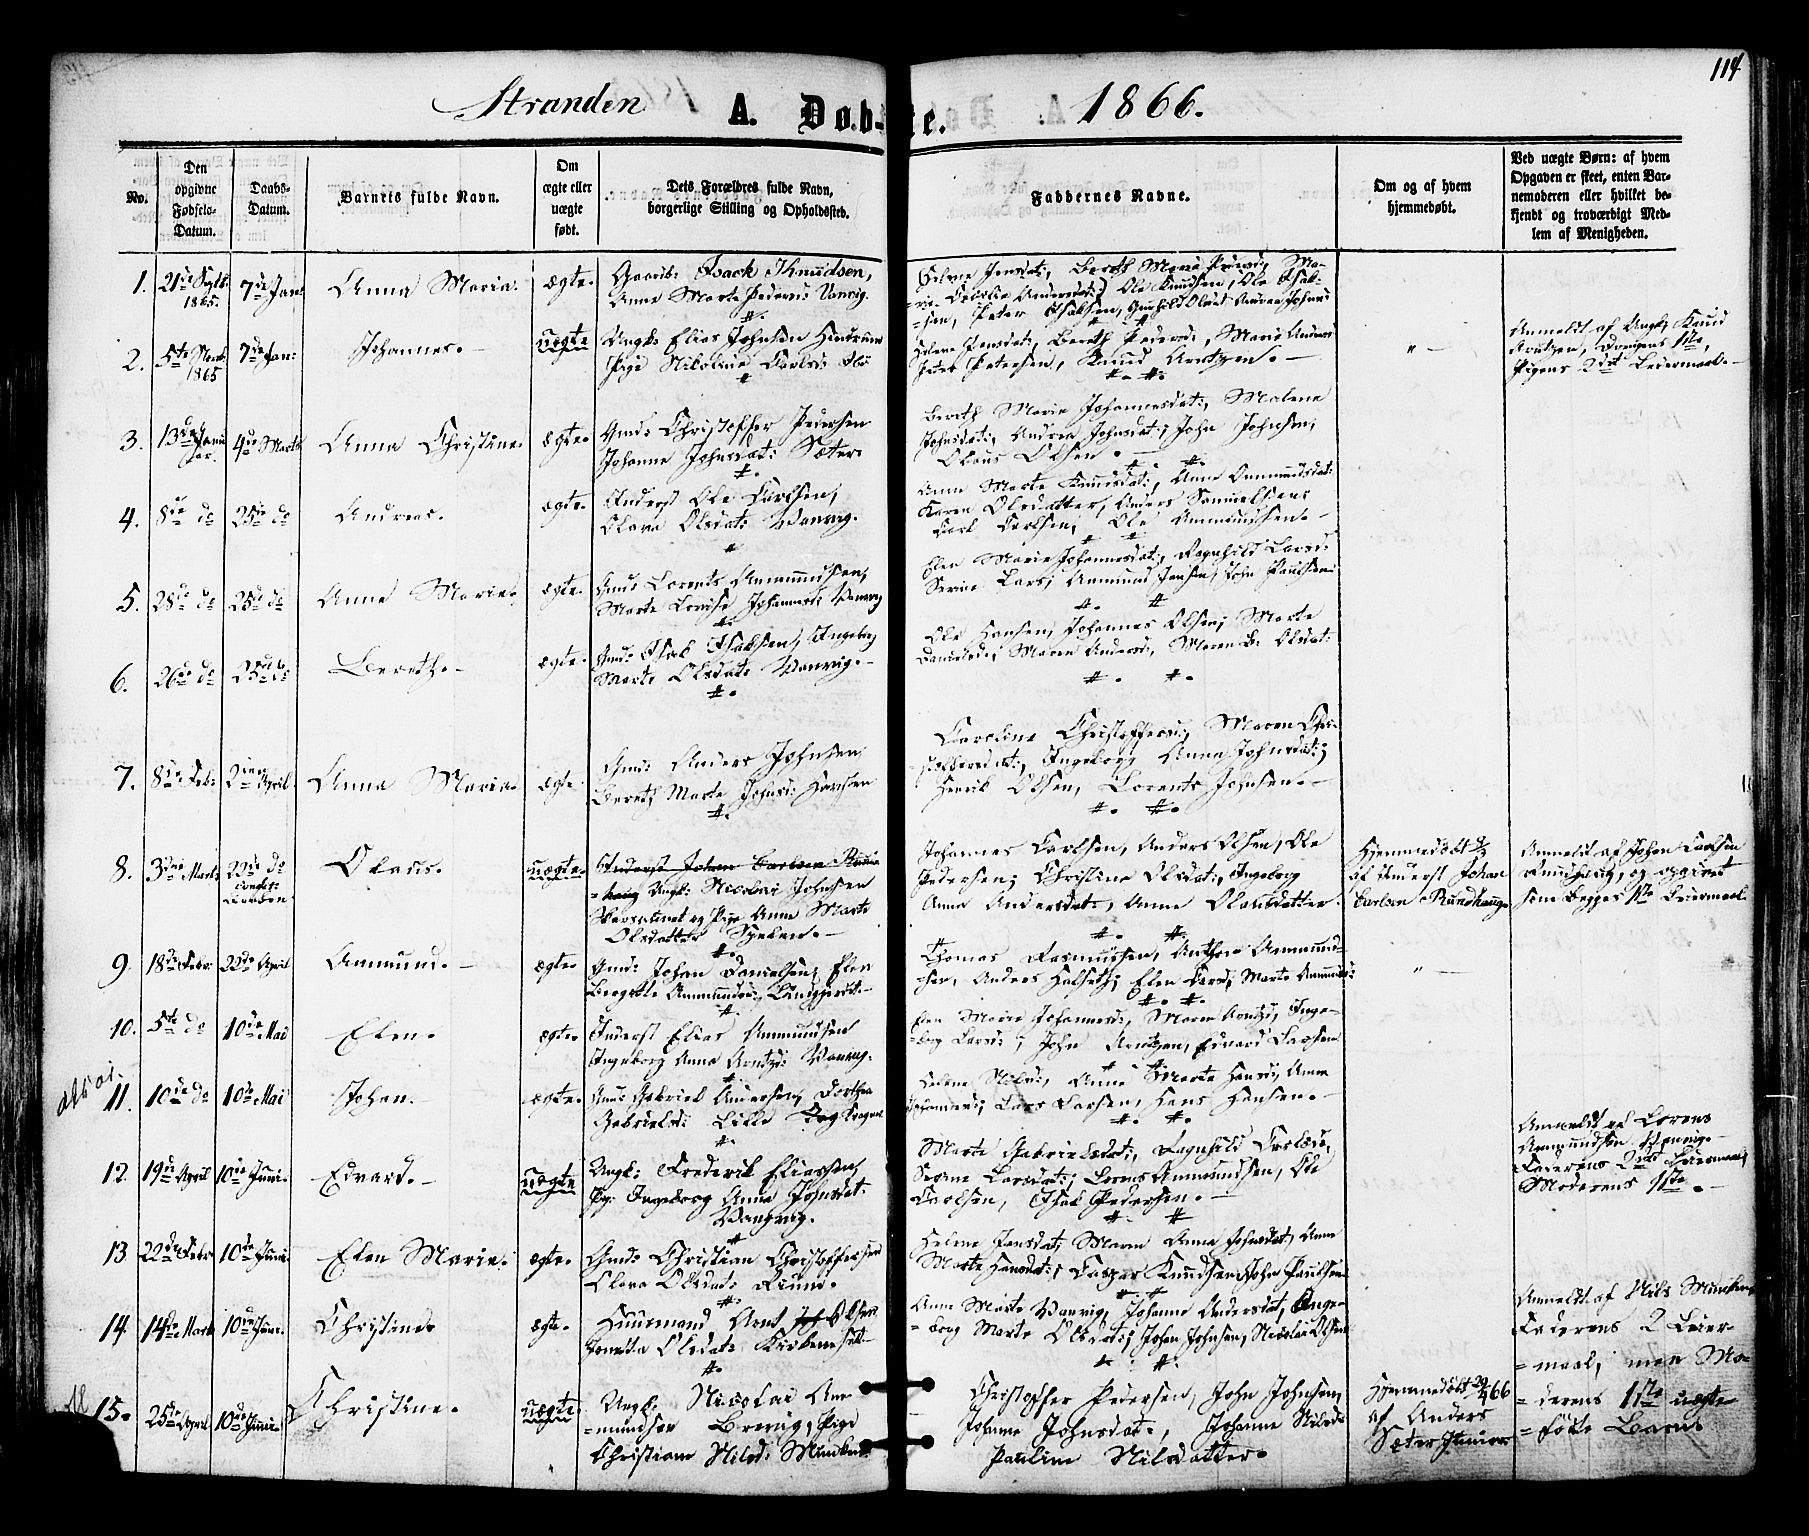 SAT, Ministerialprotokoller, klokkerbøker og fødselsregistre - Nord-Trøndelag, 701/L0009: Ministerialbok nr. 701A09 /2, 1864-1882, s. 114